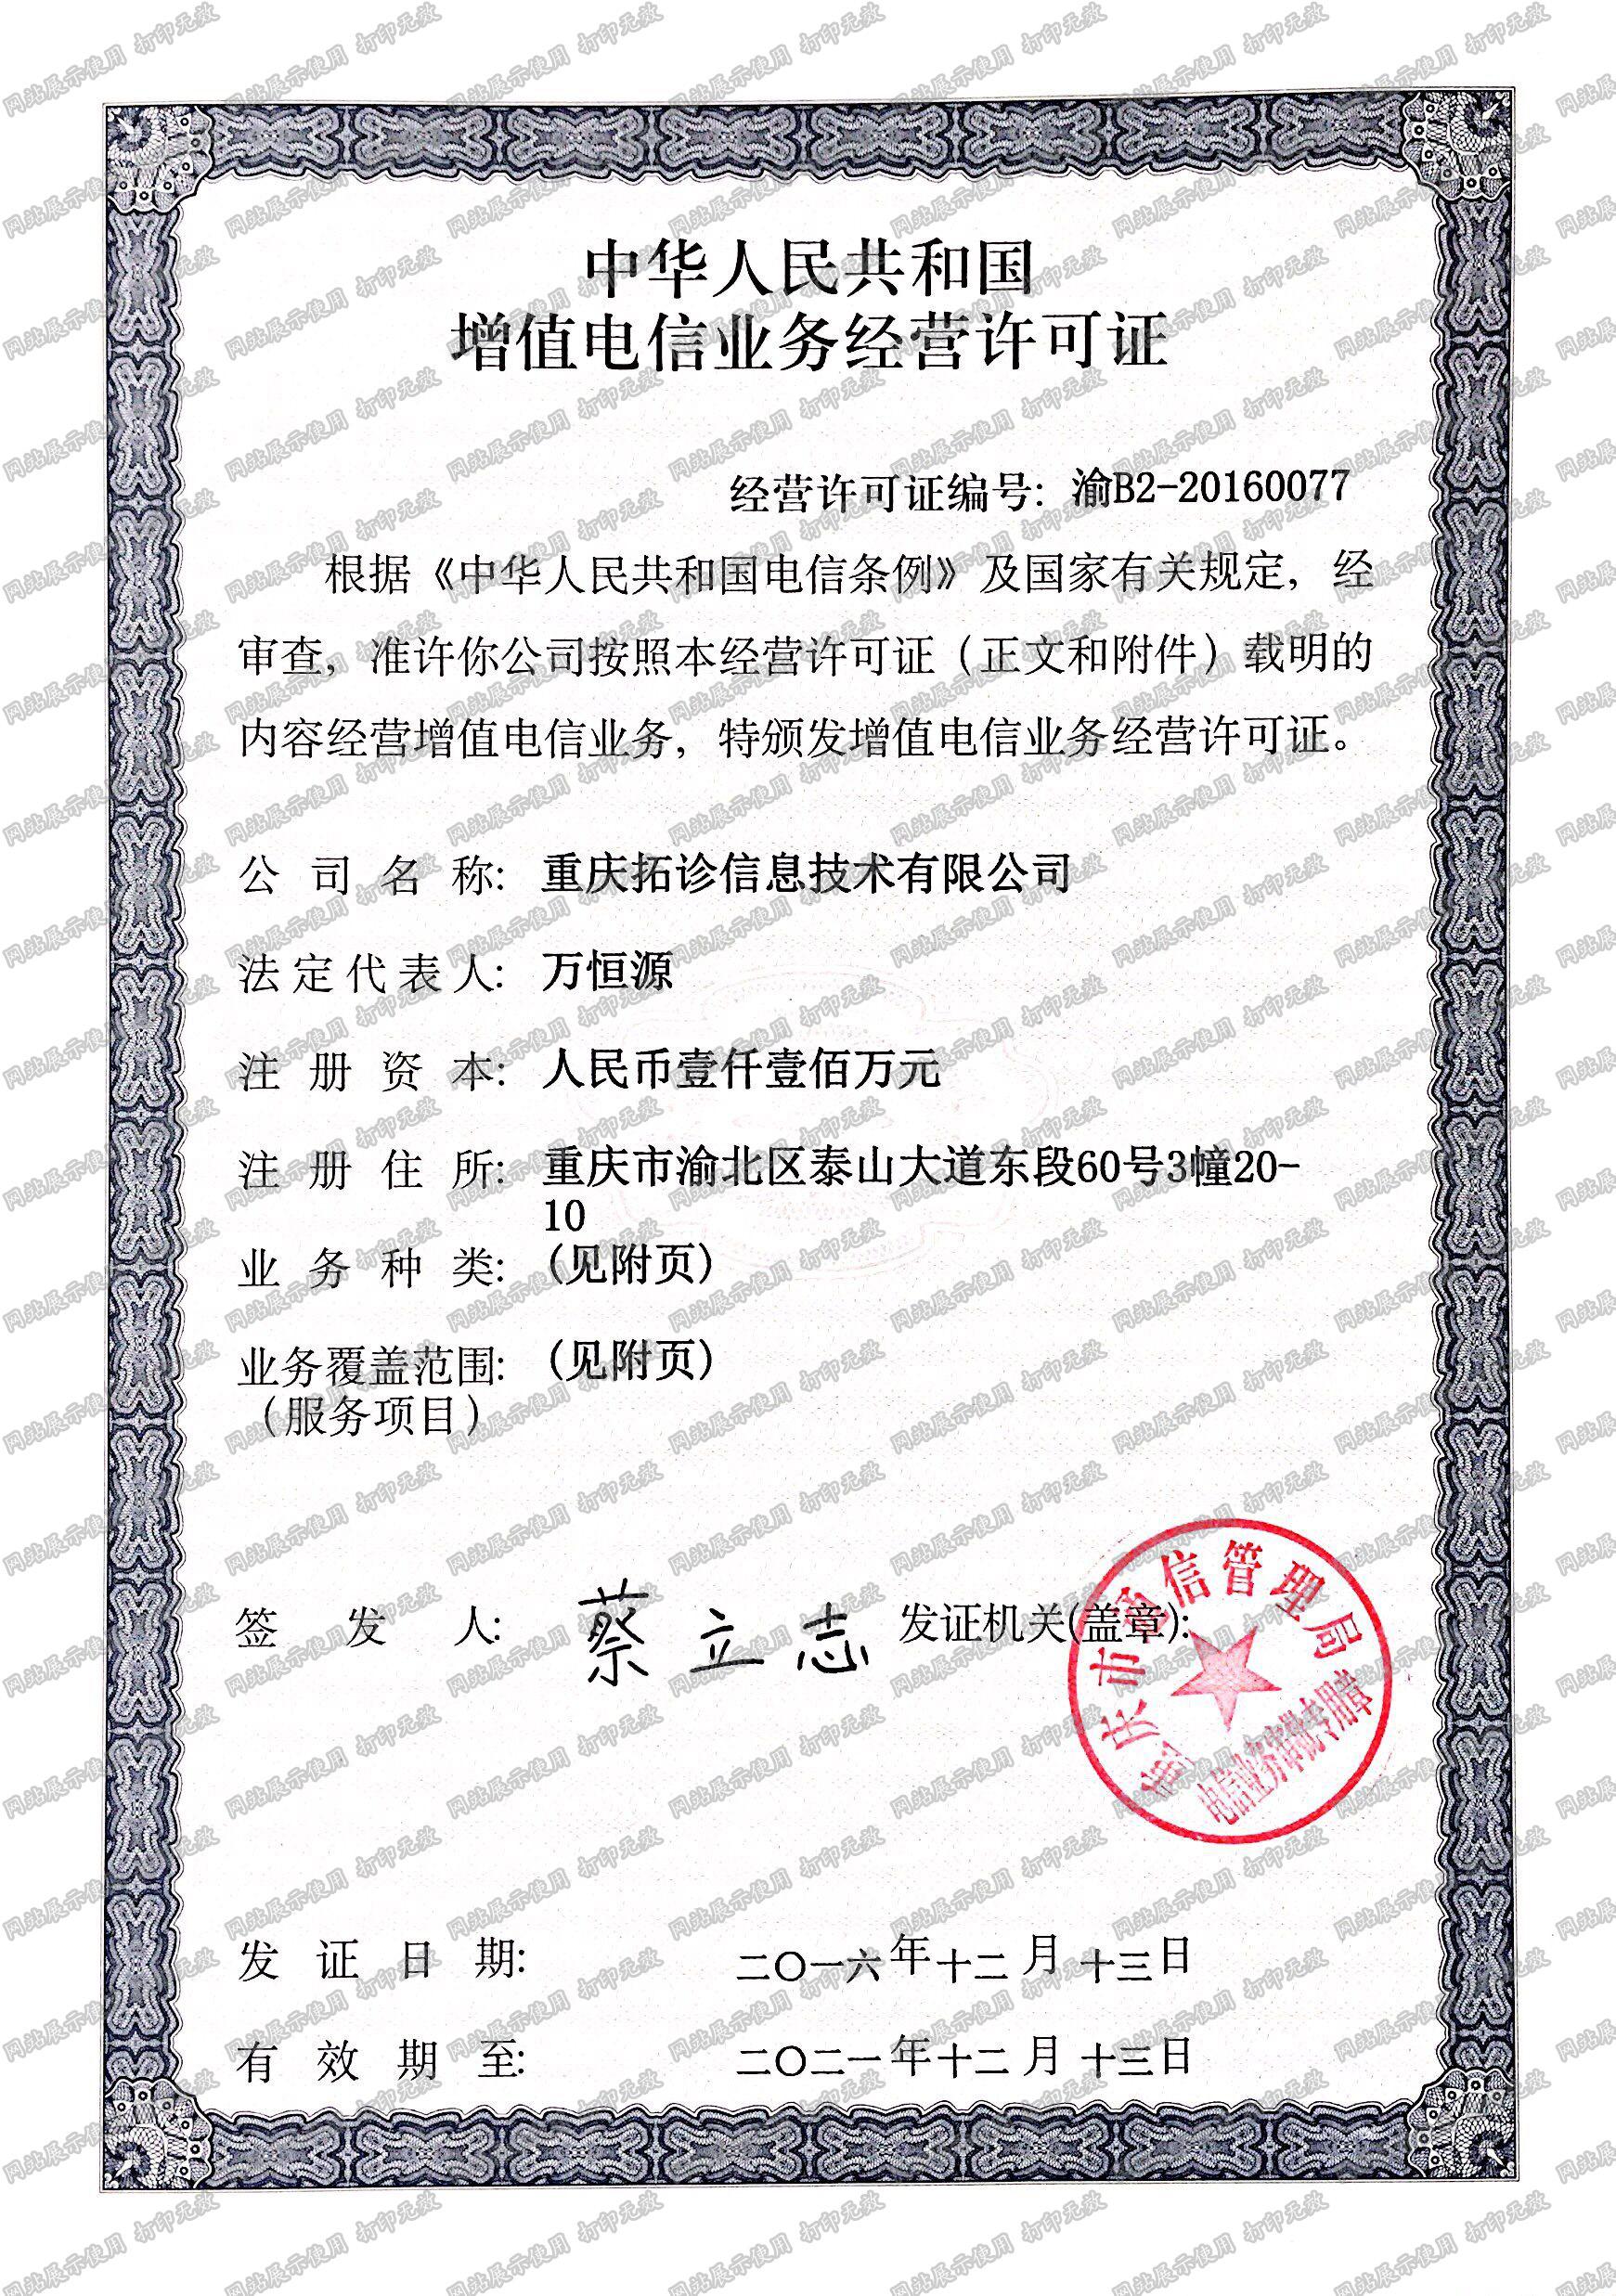 拓诊增值电信业务许可证